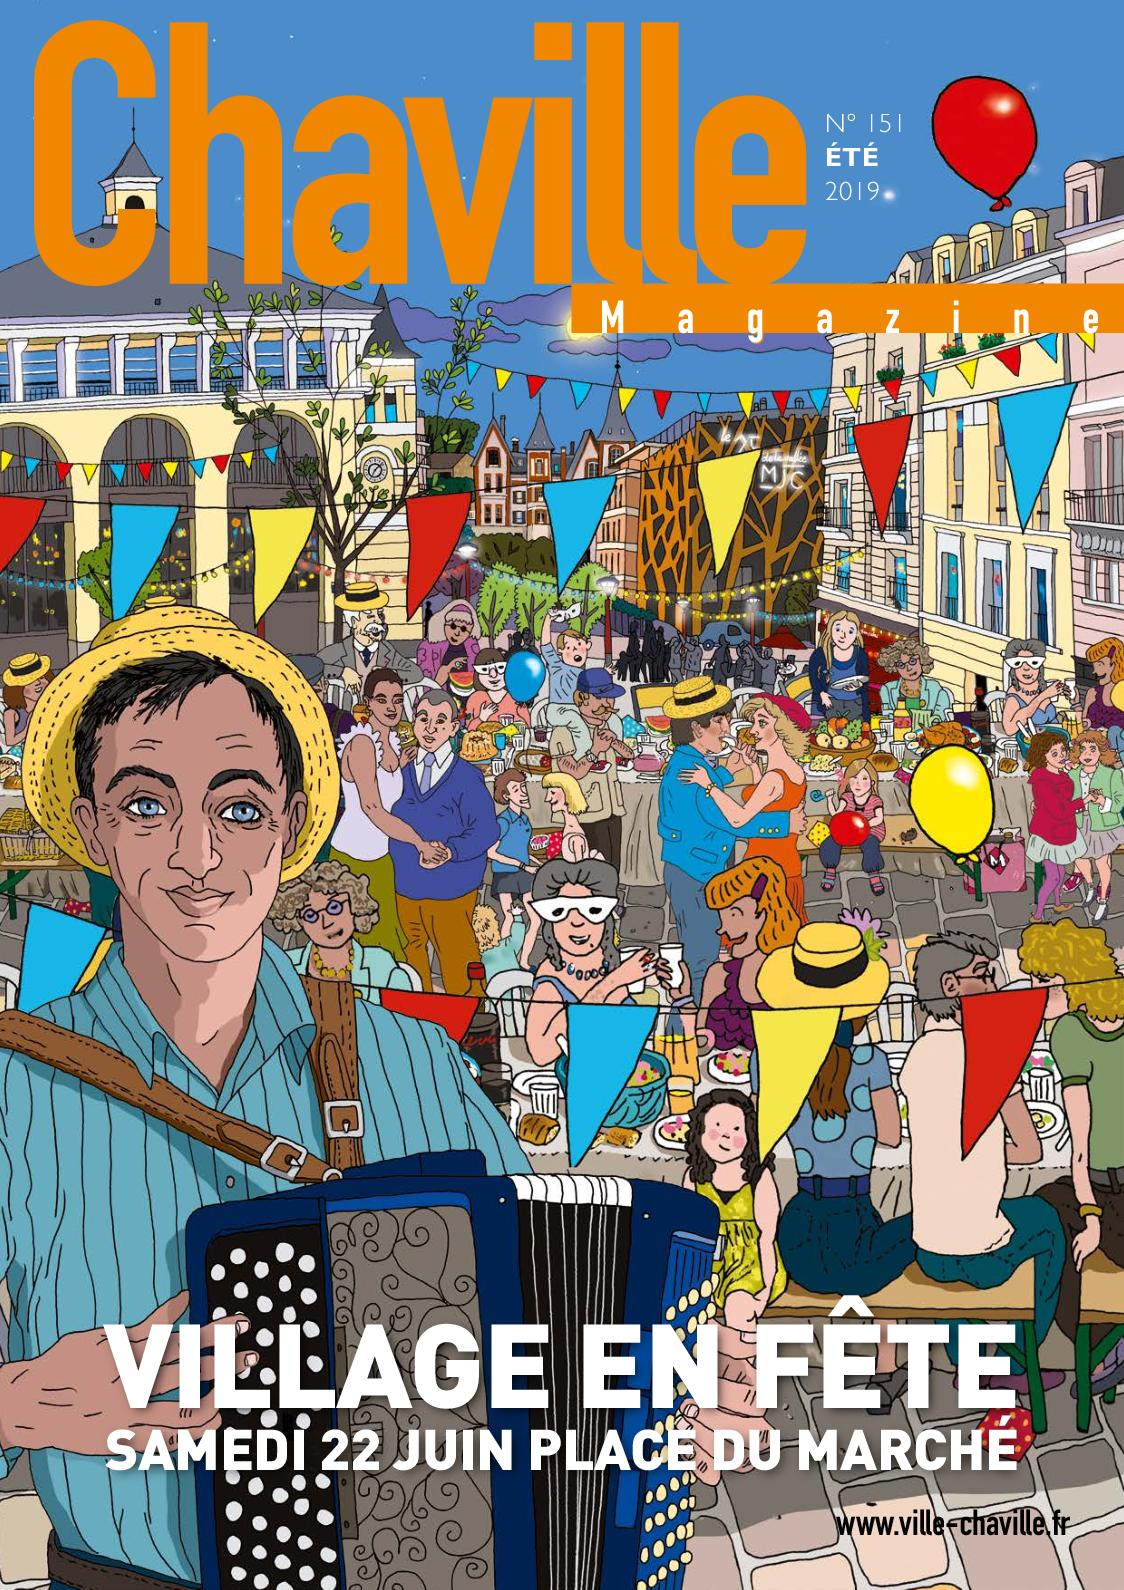 Les Sens Du Bien Etre Chaville calaméo - chaville magazine 151